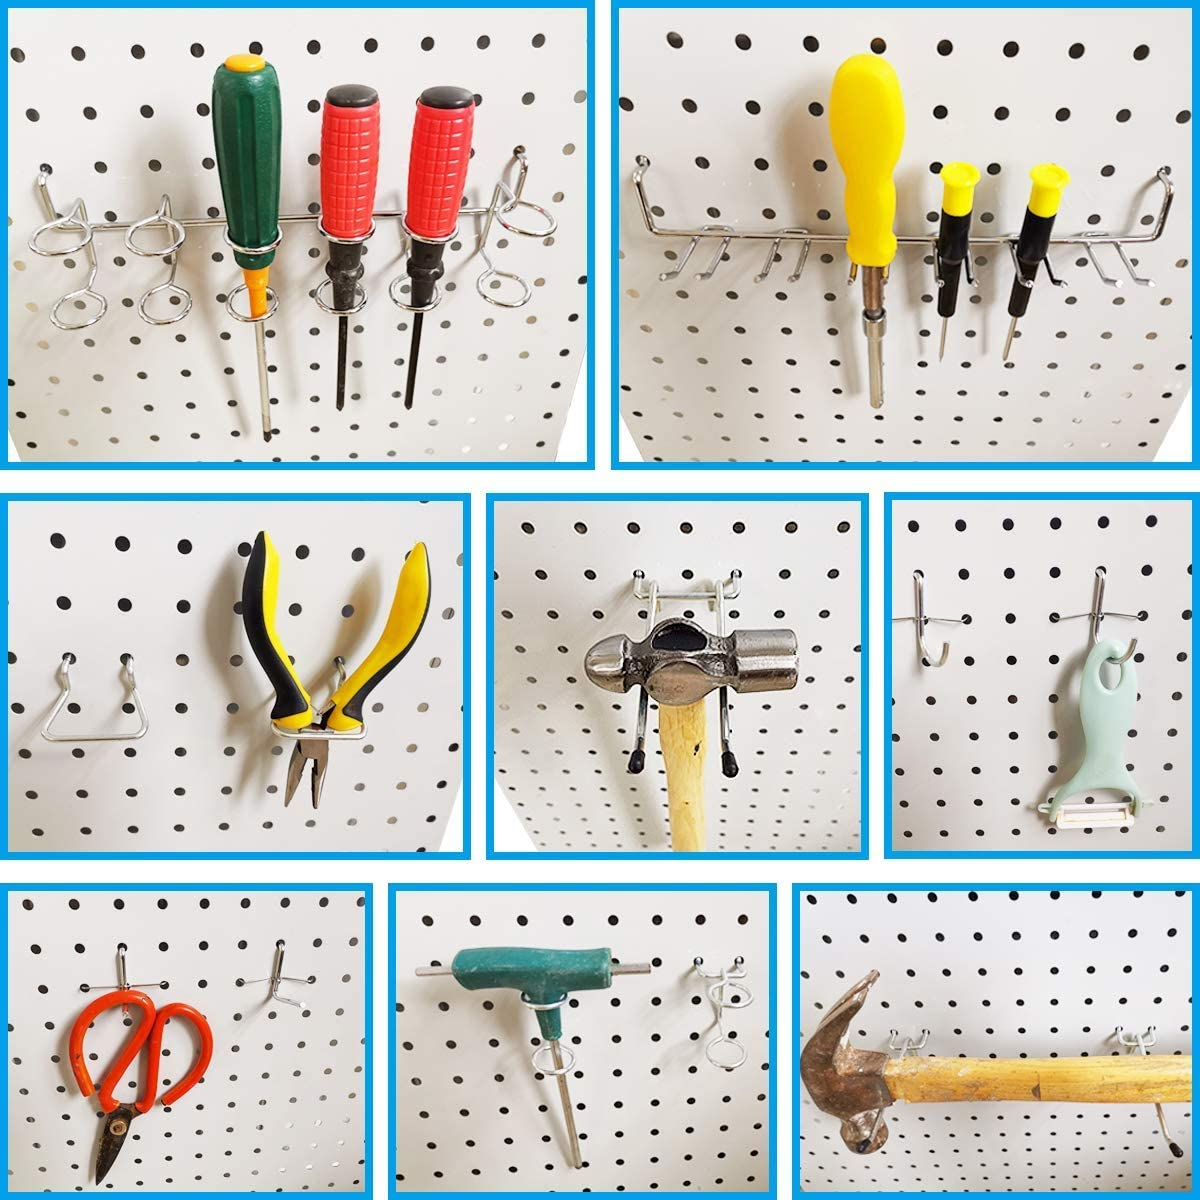 attaches pour panneau perfor/é 1//4 pouce 4YANG Kit dorganisateur daccessoires pour panneau perfor/é ensemble de crochets pour panneau perfor/é et ensemble de panier pour panneau perfor/é